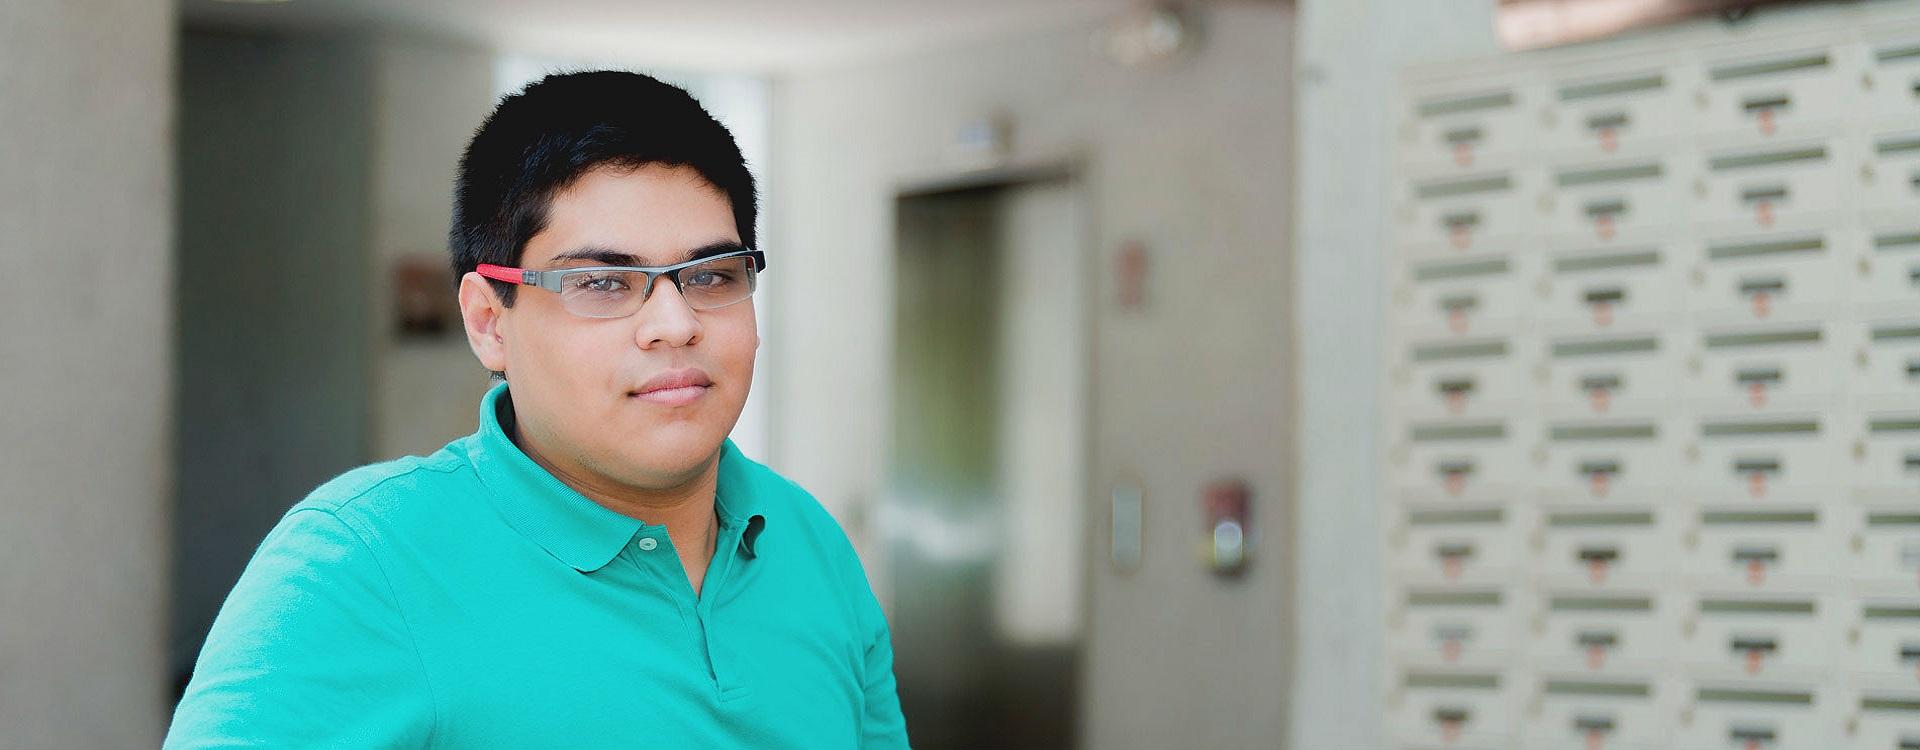 Juan Daniel Álvarez Cadena, estudiante de Los Andes, es uno de los beneficiarios del programa Quiero Estudiar.